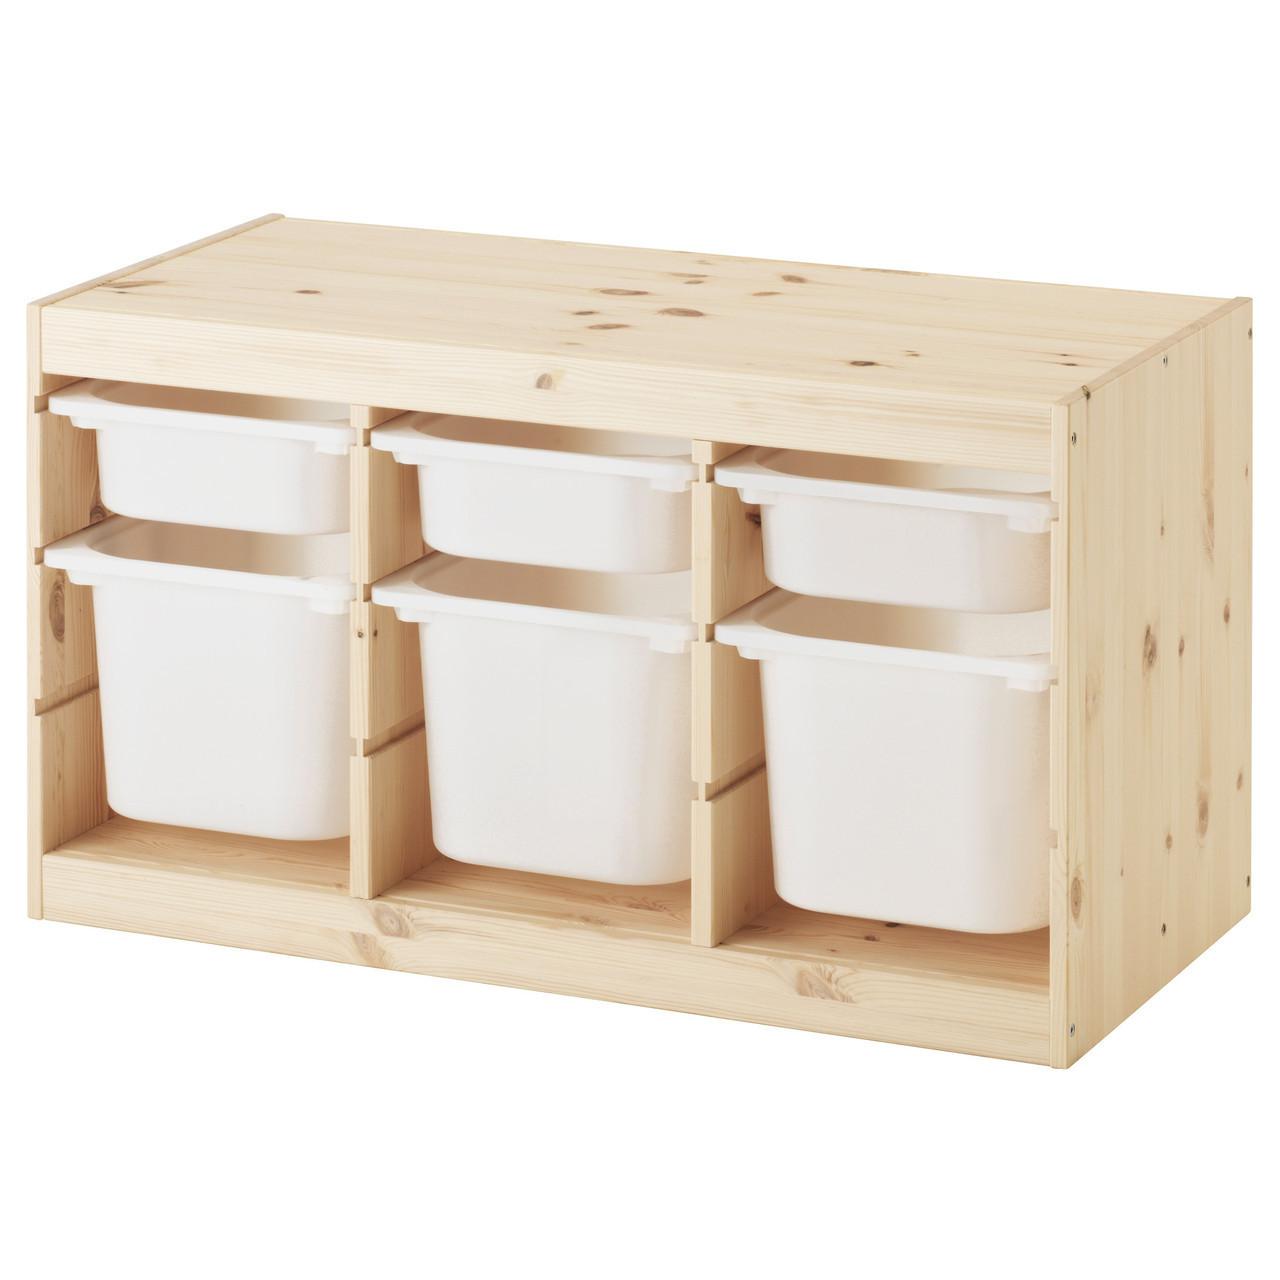 TROFAST Стеллаж с контейнерами, сосна белый, белый 191.026.59